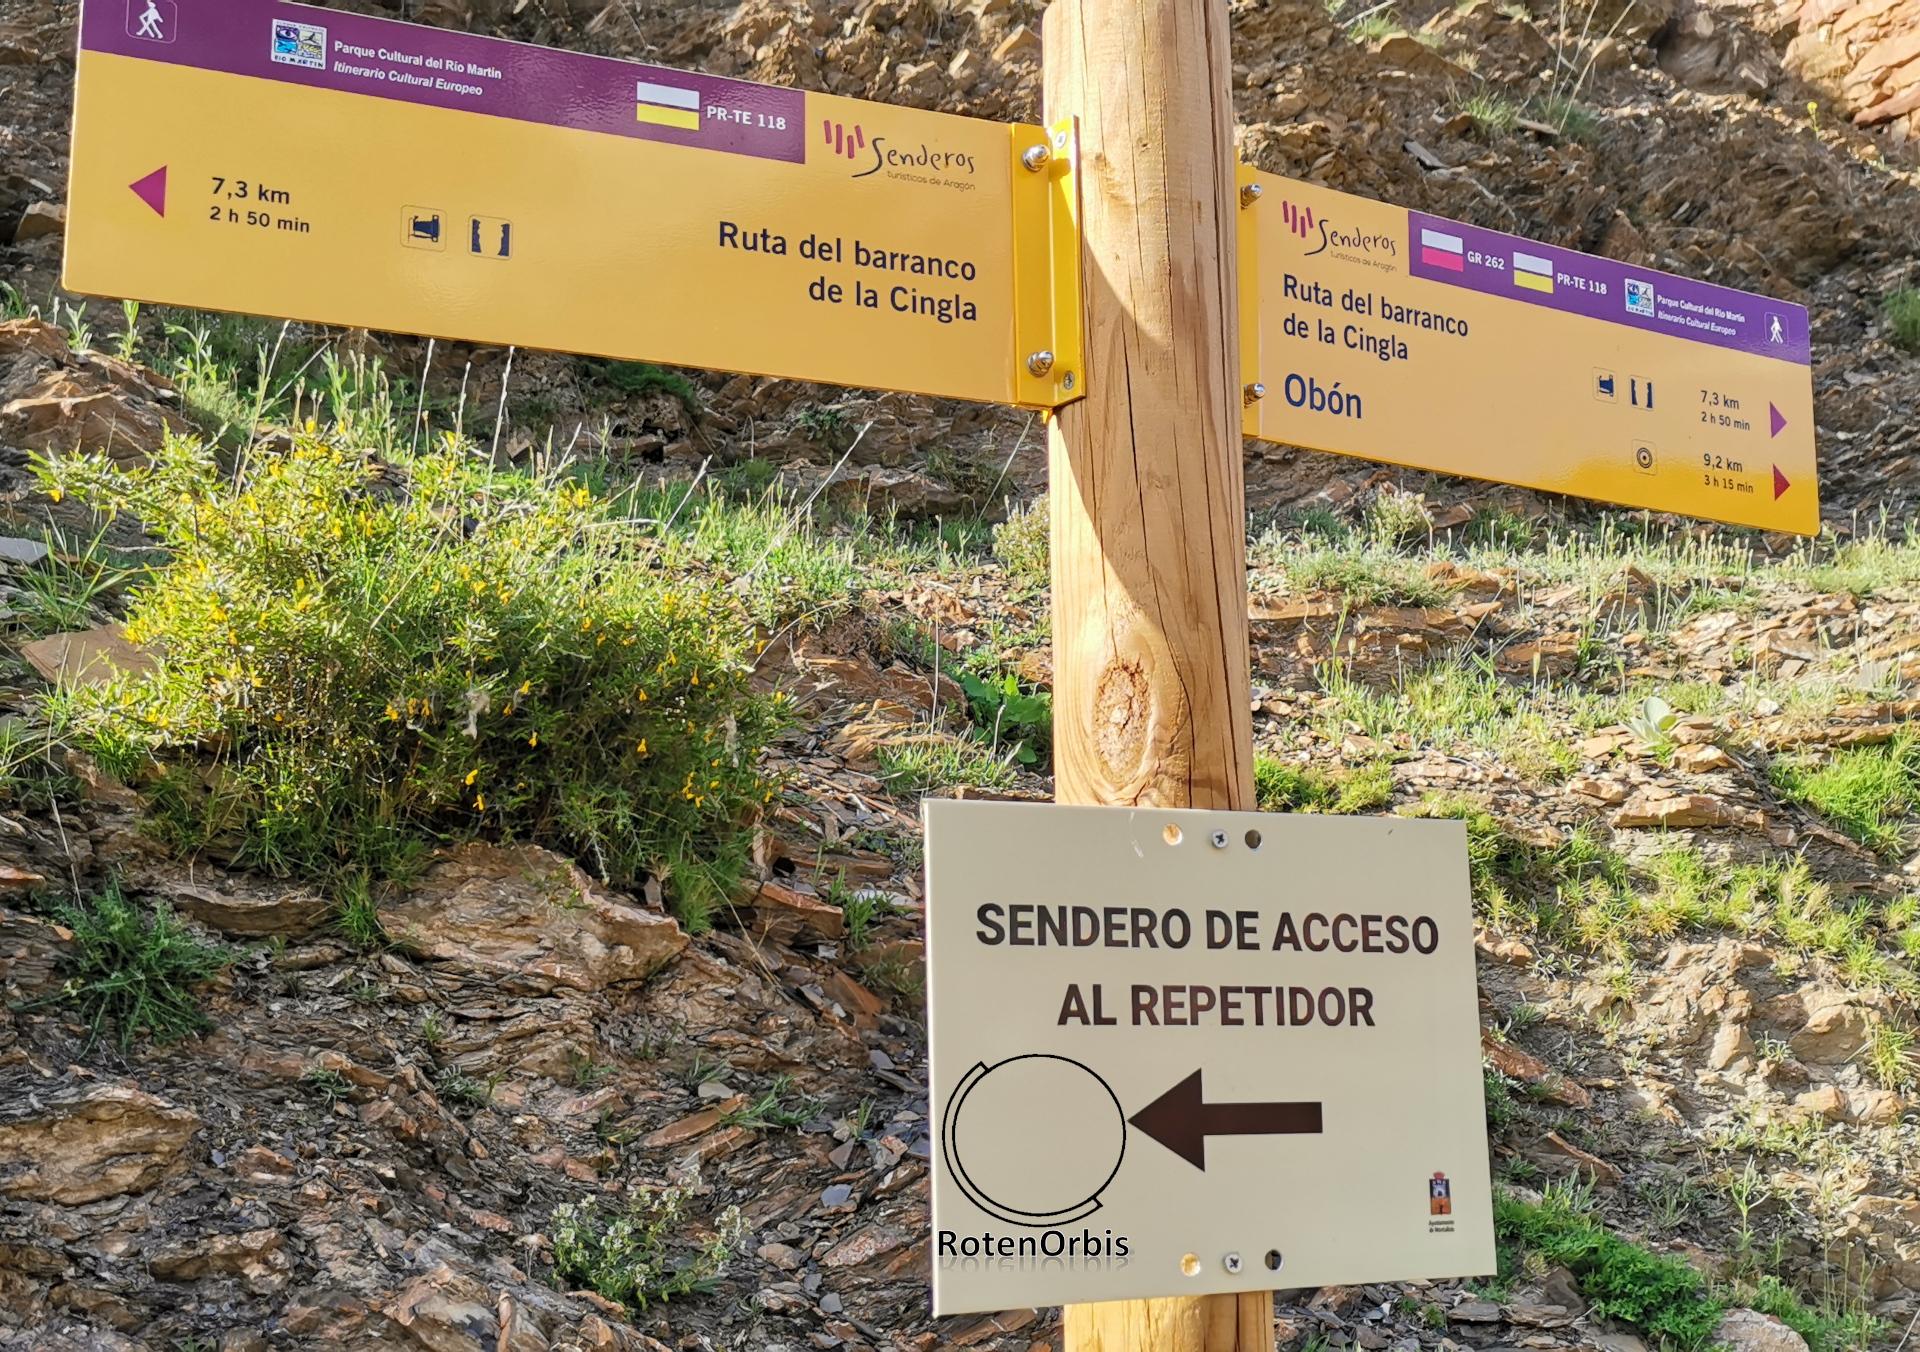 Cartel de la ruta del barranco de la Cingla